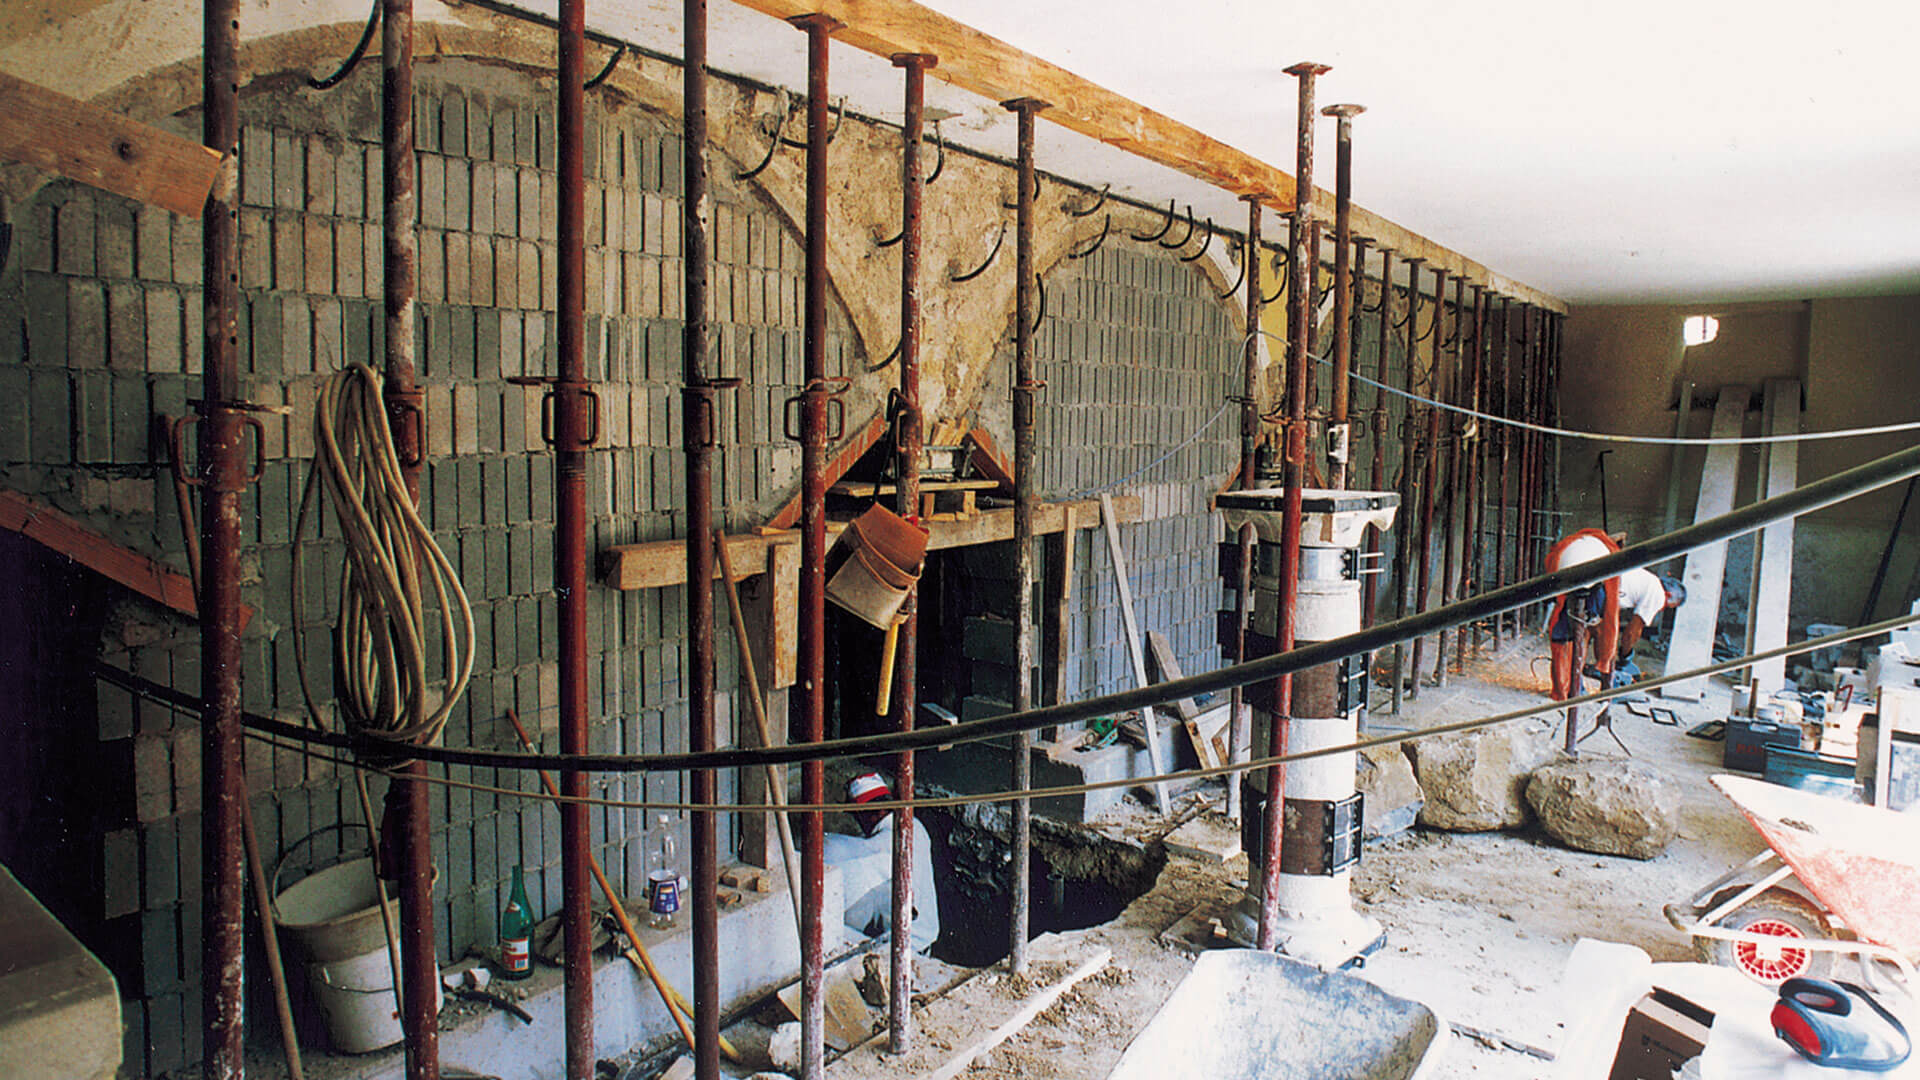 Pontellazione provvisoria degli archi. Consolidamento delle murature. Cinturazione provvisoria della colonna.